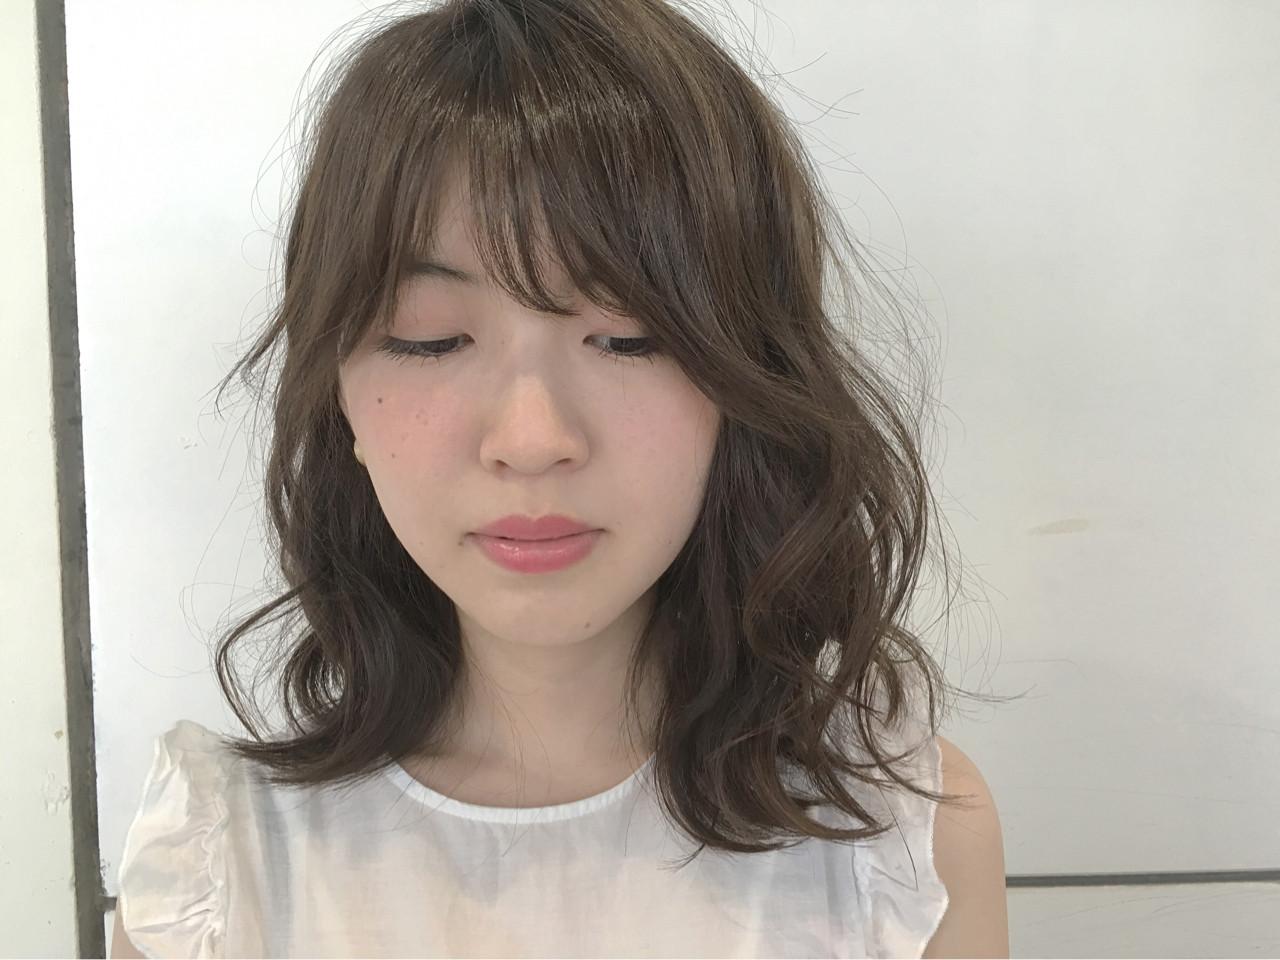 アッシュ ゆるふわ 外国人風 ナチュラル ヘアスタイルや髪型の写真・画像 | Sayaka / diptyMOILA